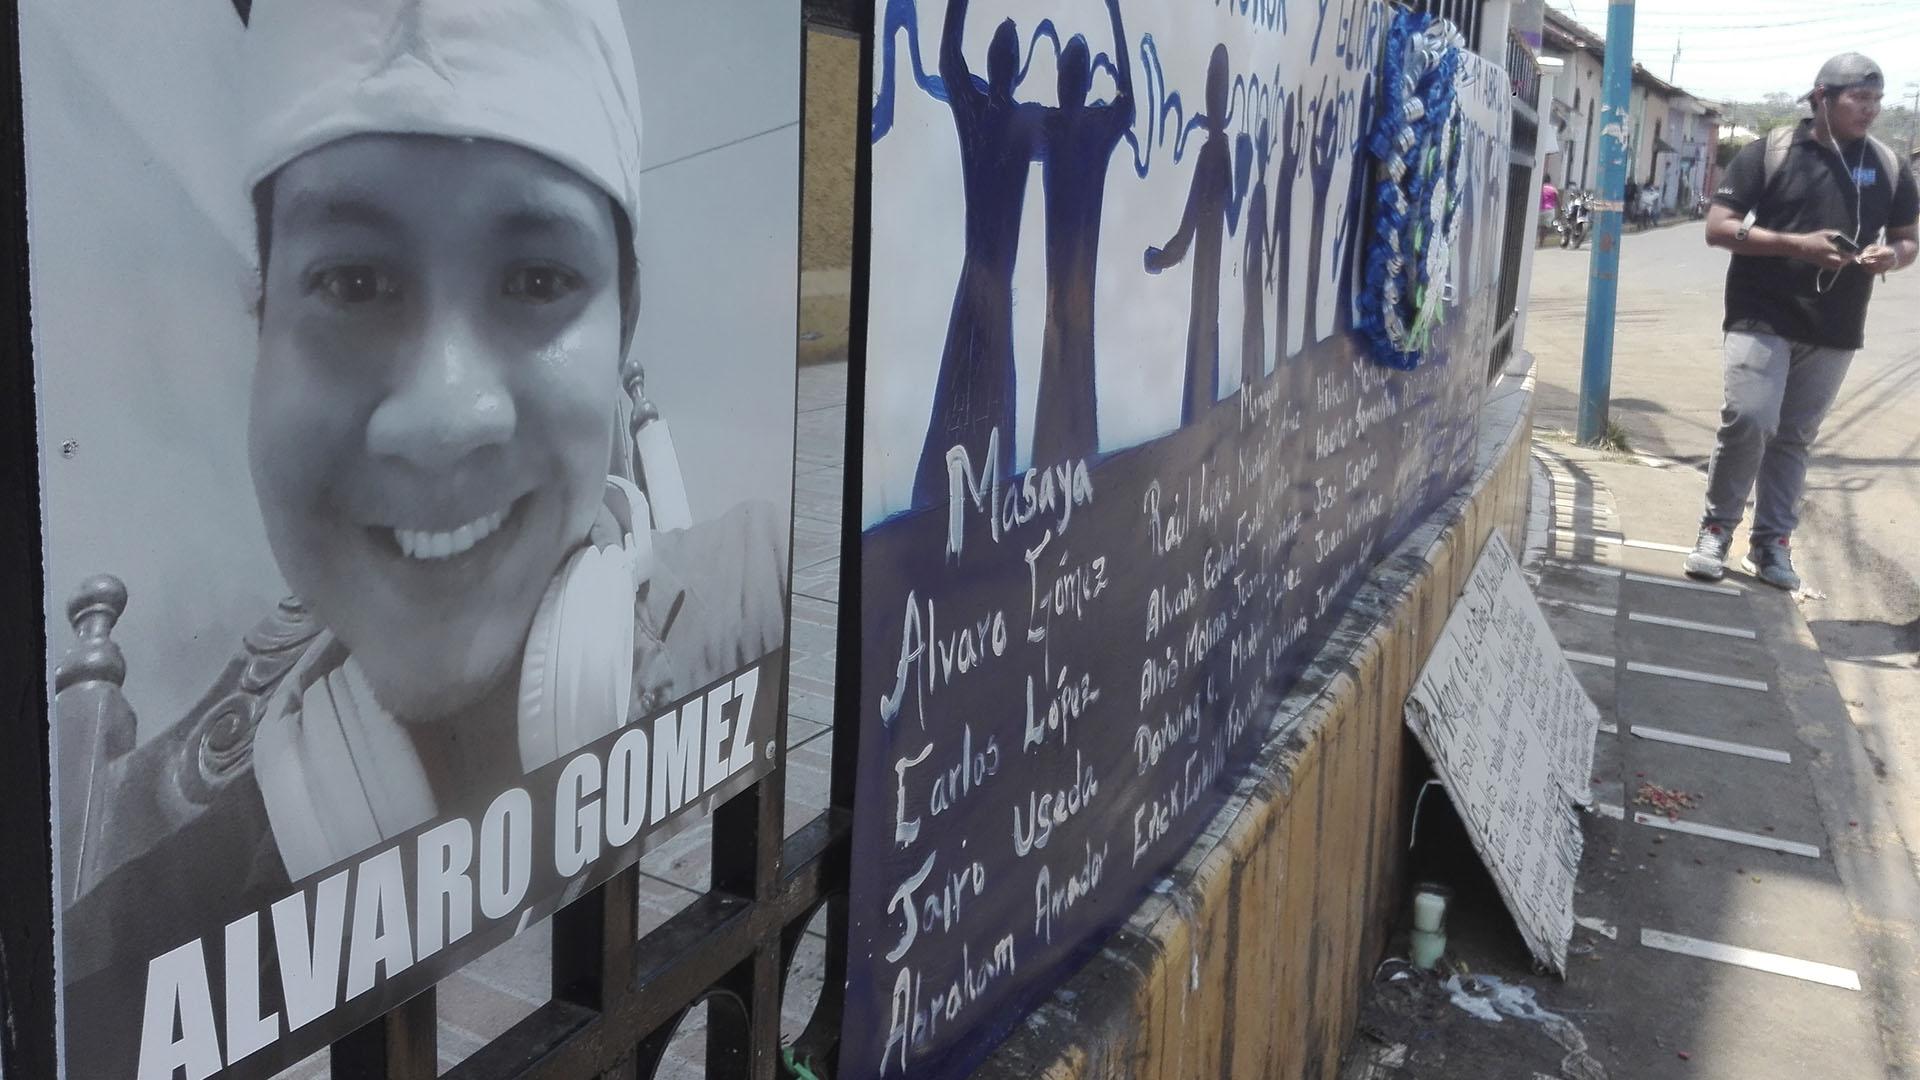 Las carteles con el rostro de Álvaro Alberto Gómez Navarro, uno de los muertos en la lucha cívica en Monimbó (Foto: Matilde Córdoba)